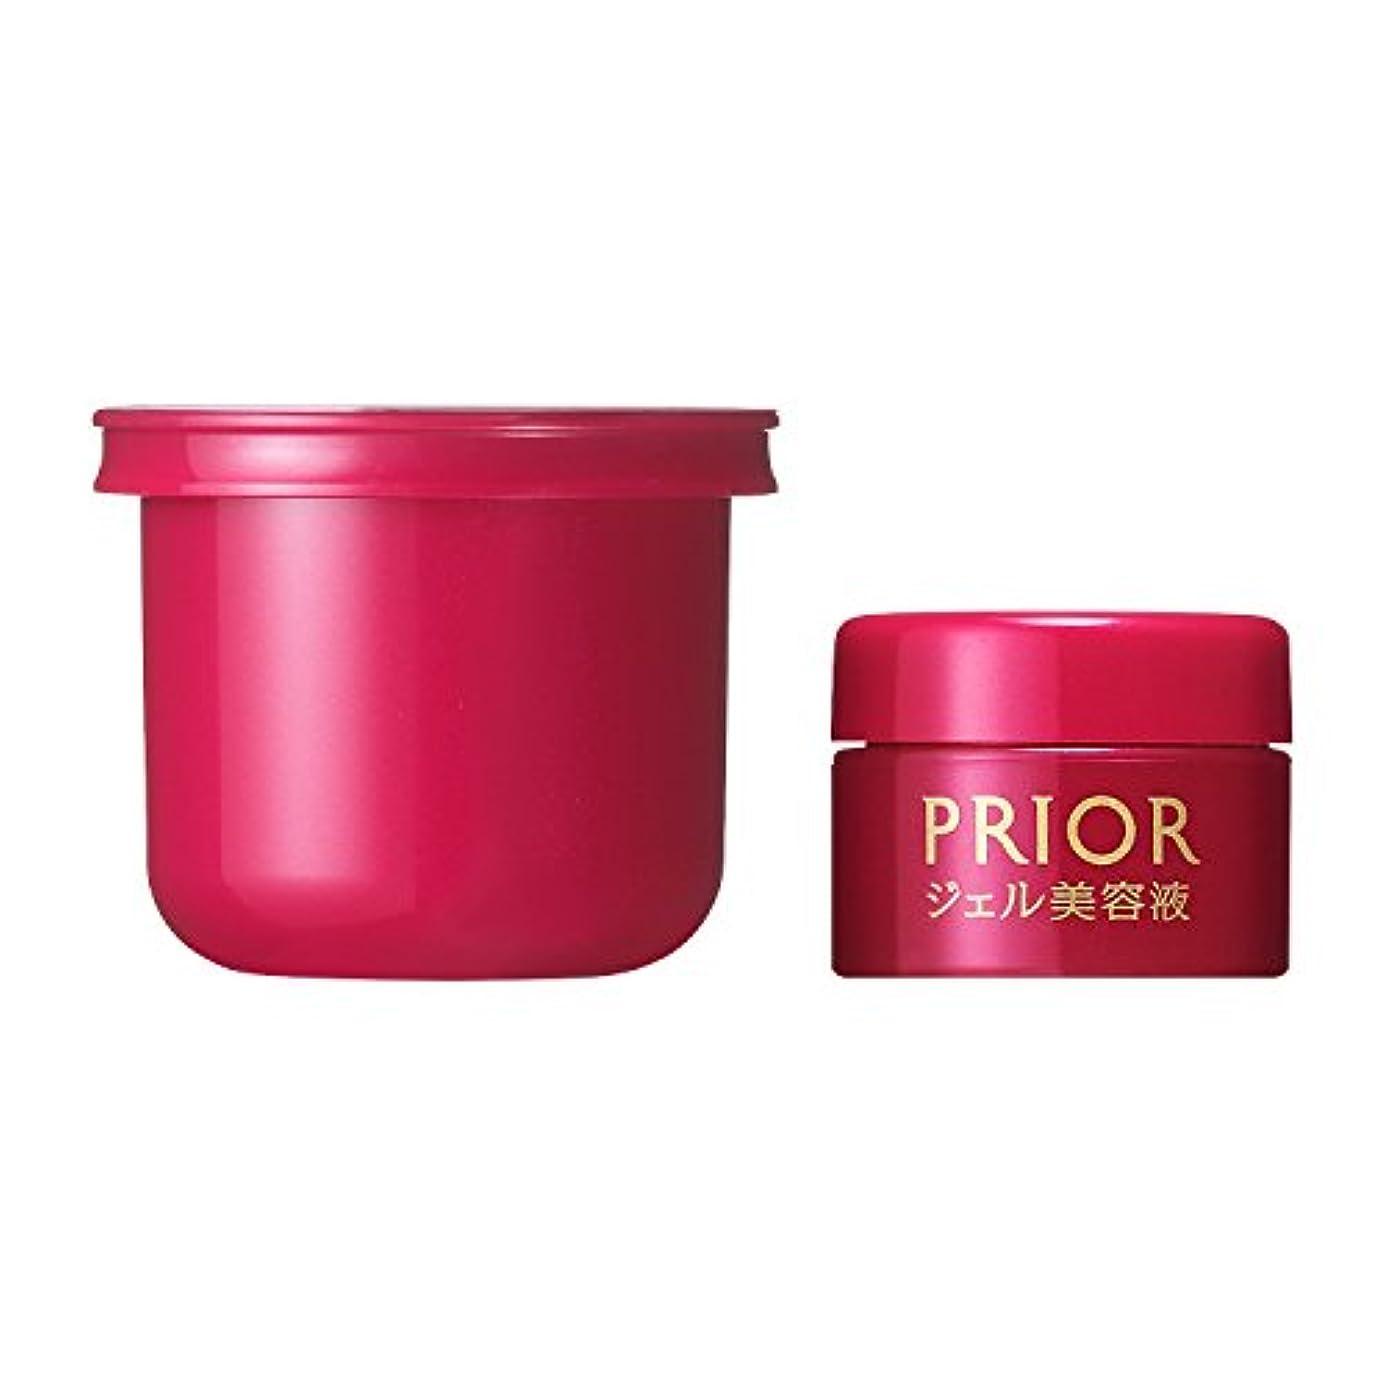 仮定放つ避けるプリオール ジェル美容液 つけかえ用 限定セット a ミニサイズ付き 48g + 7g